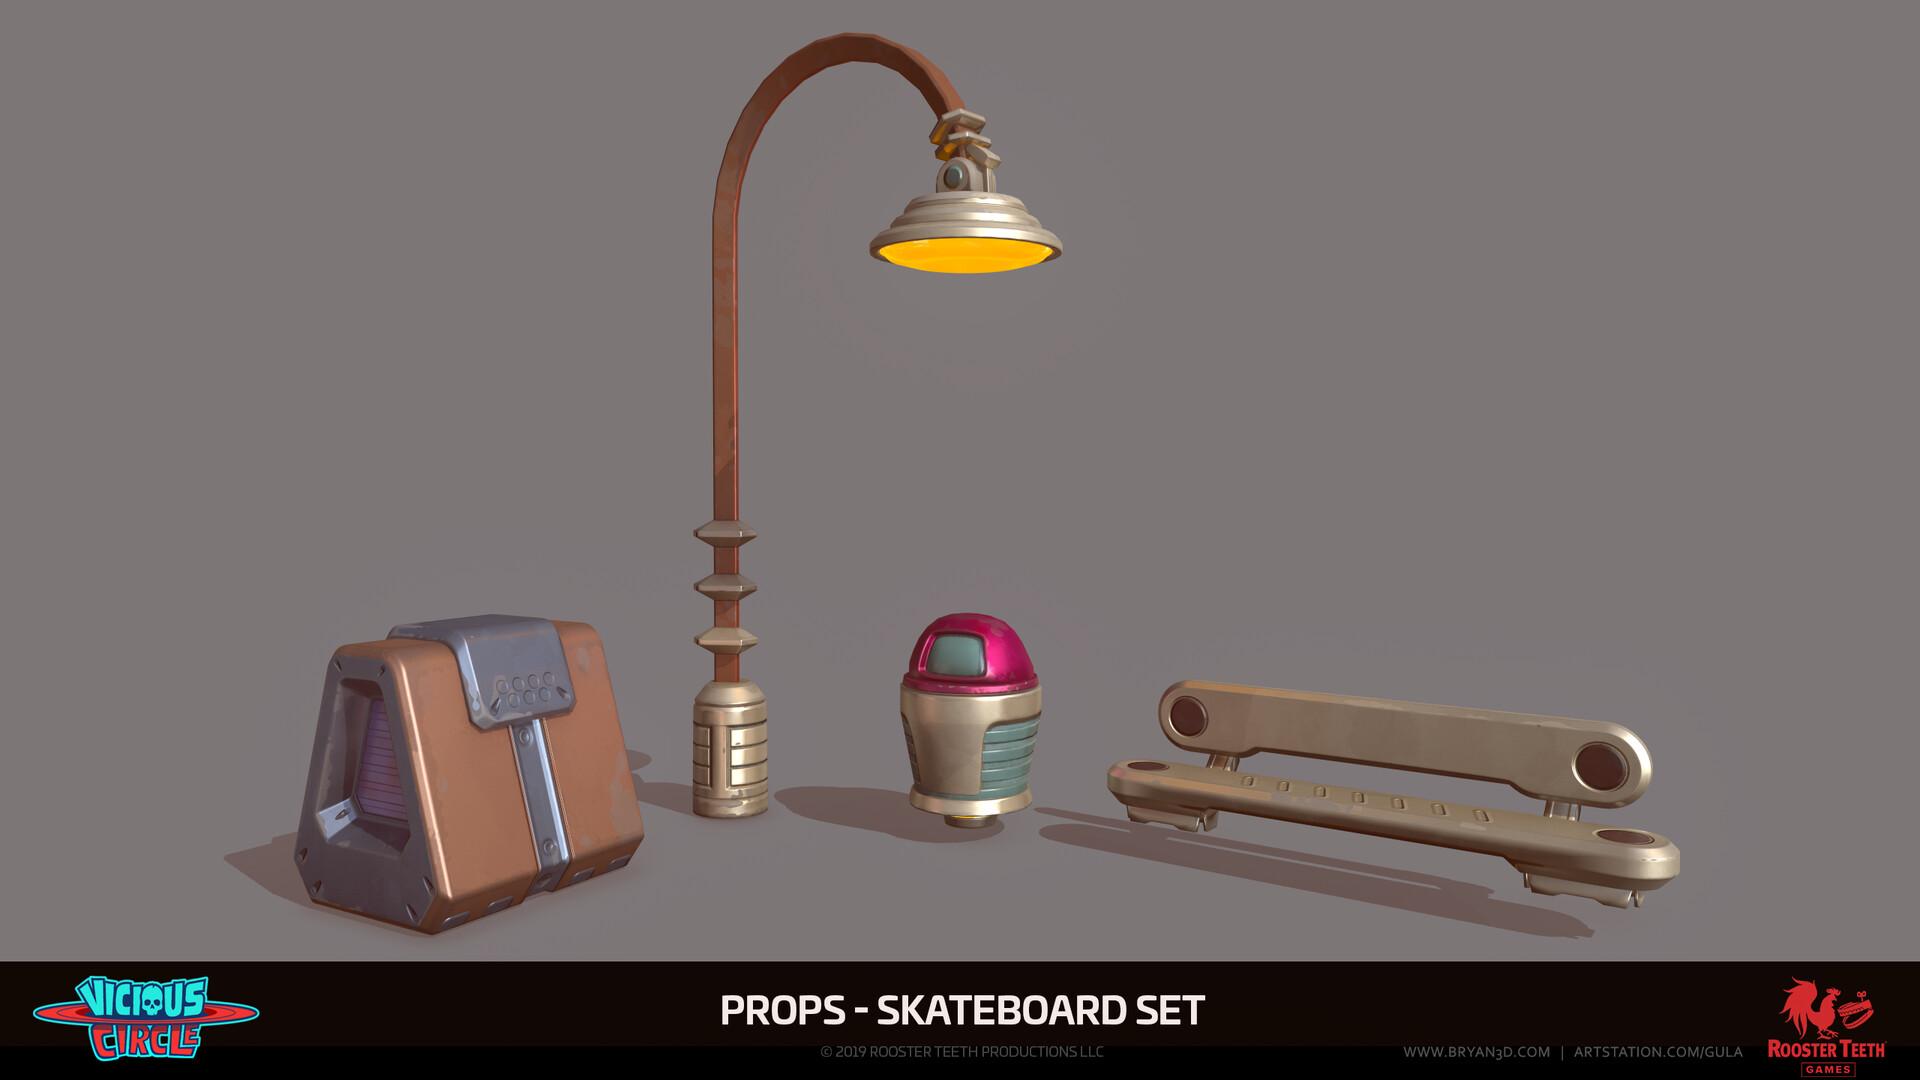 Bryan shannon 001 skateboardprops